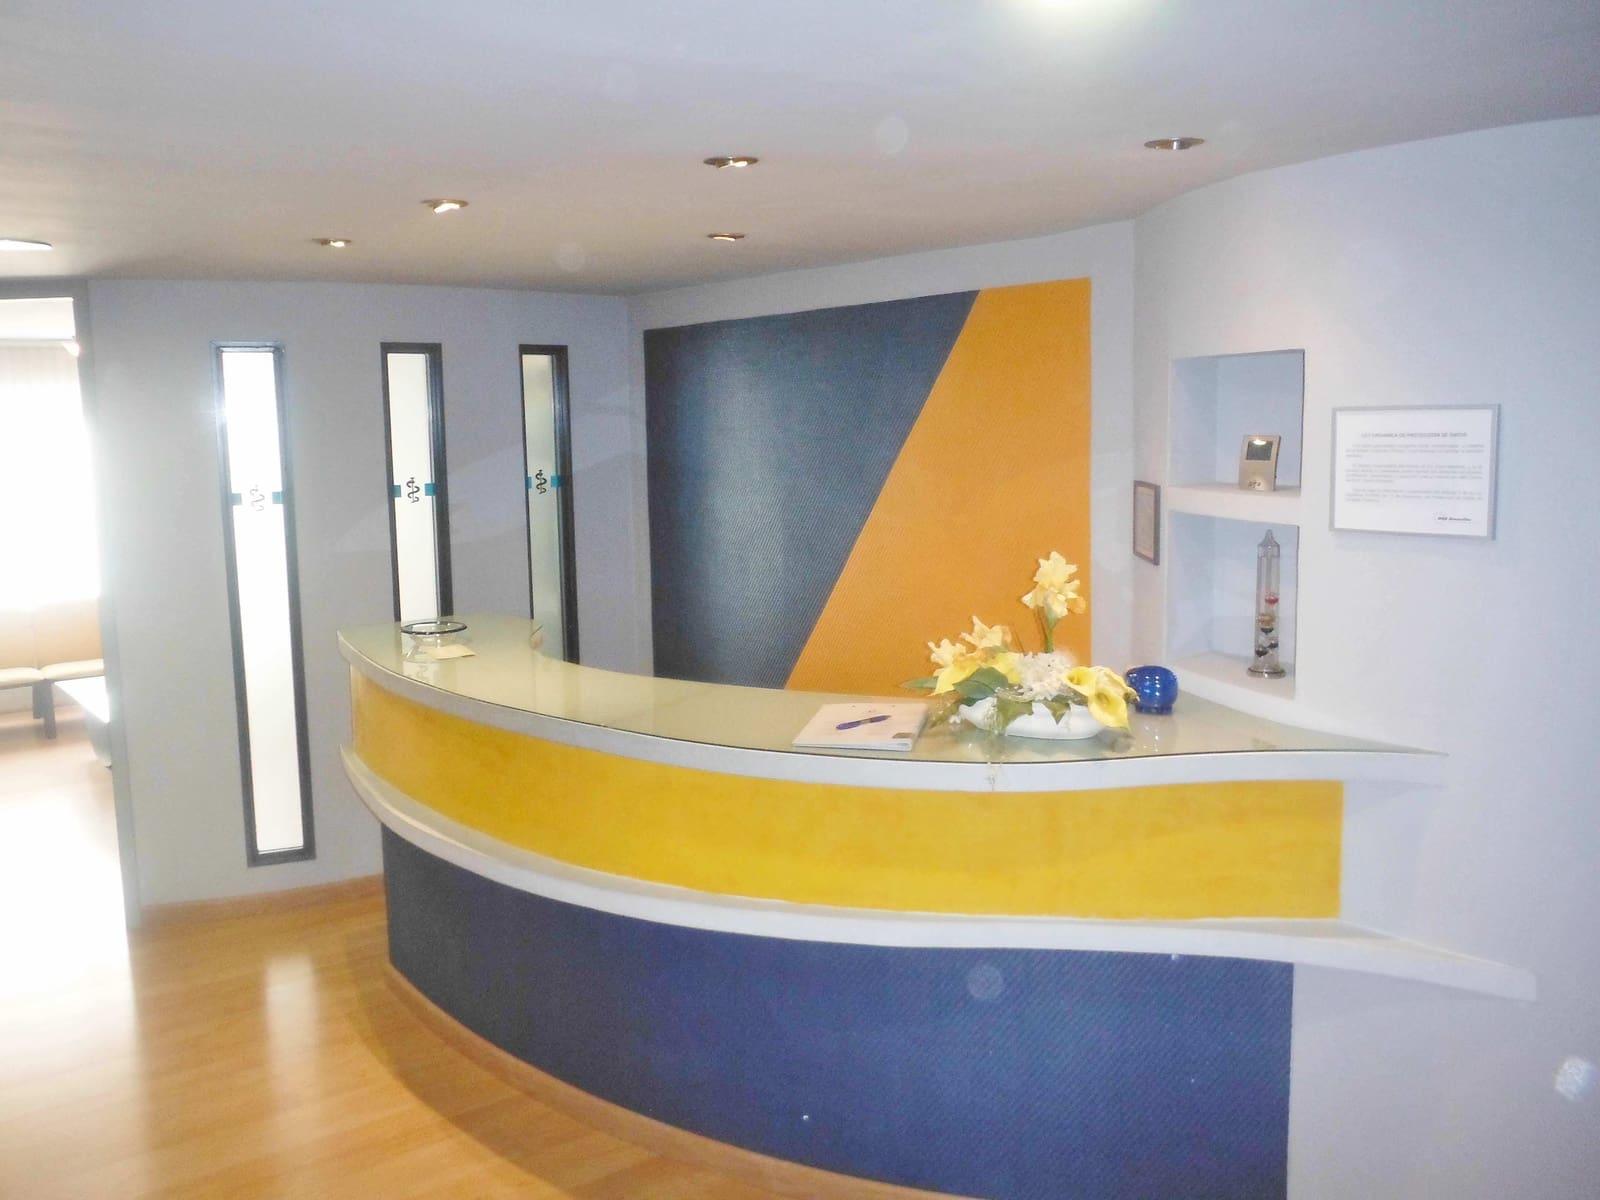 Local Comercial de 4 habitaciones en Dénia en venta - 99.000 € (Ref: 5101579)